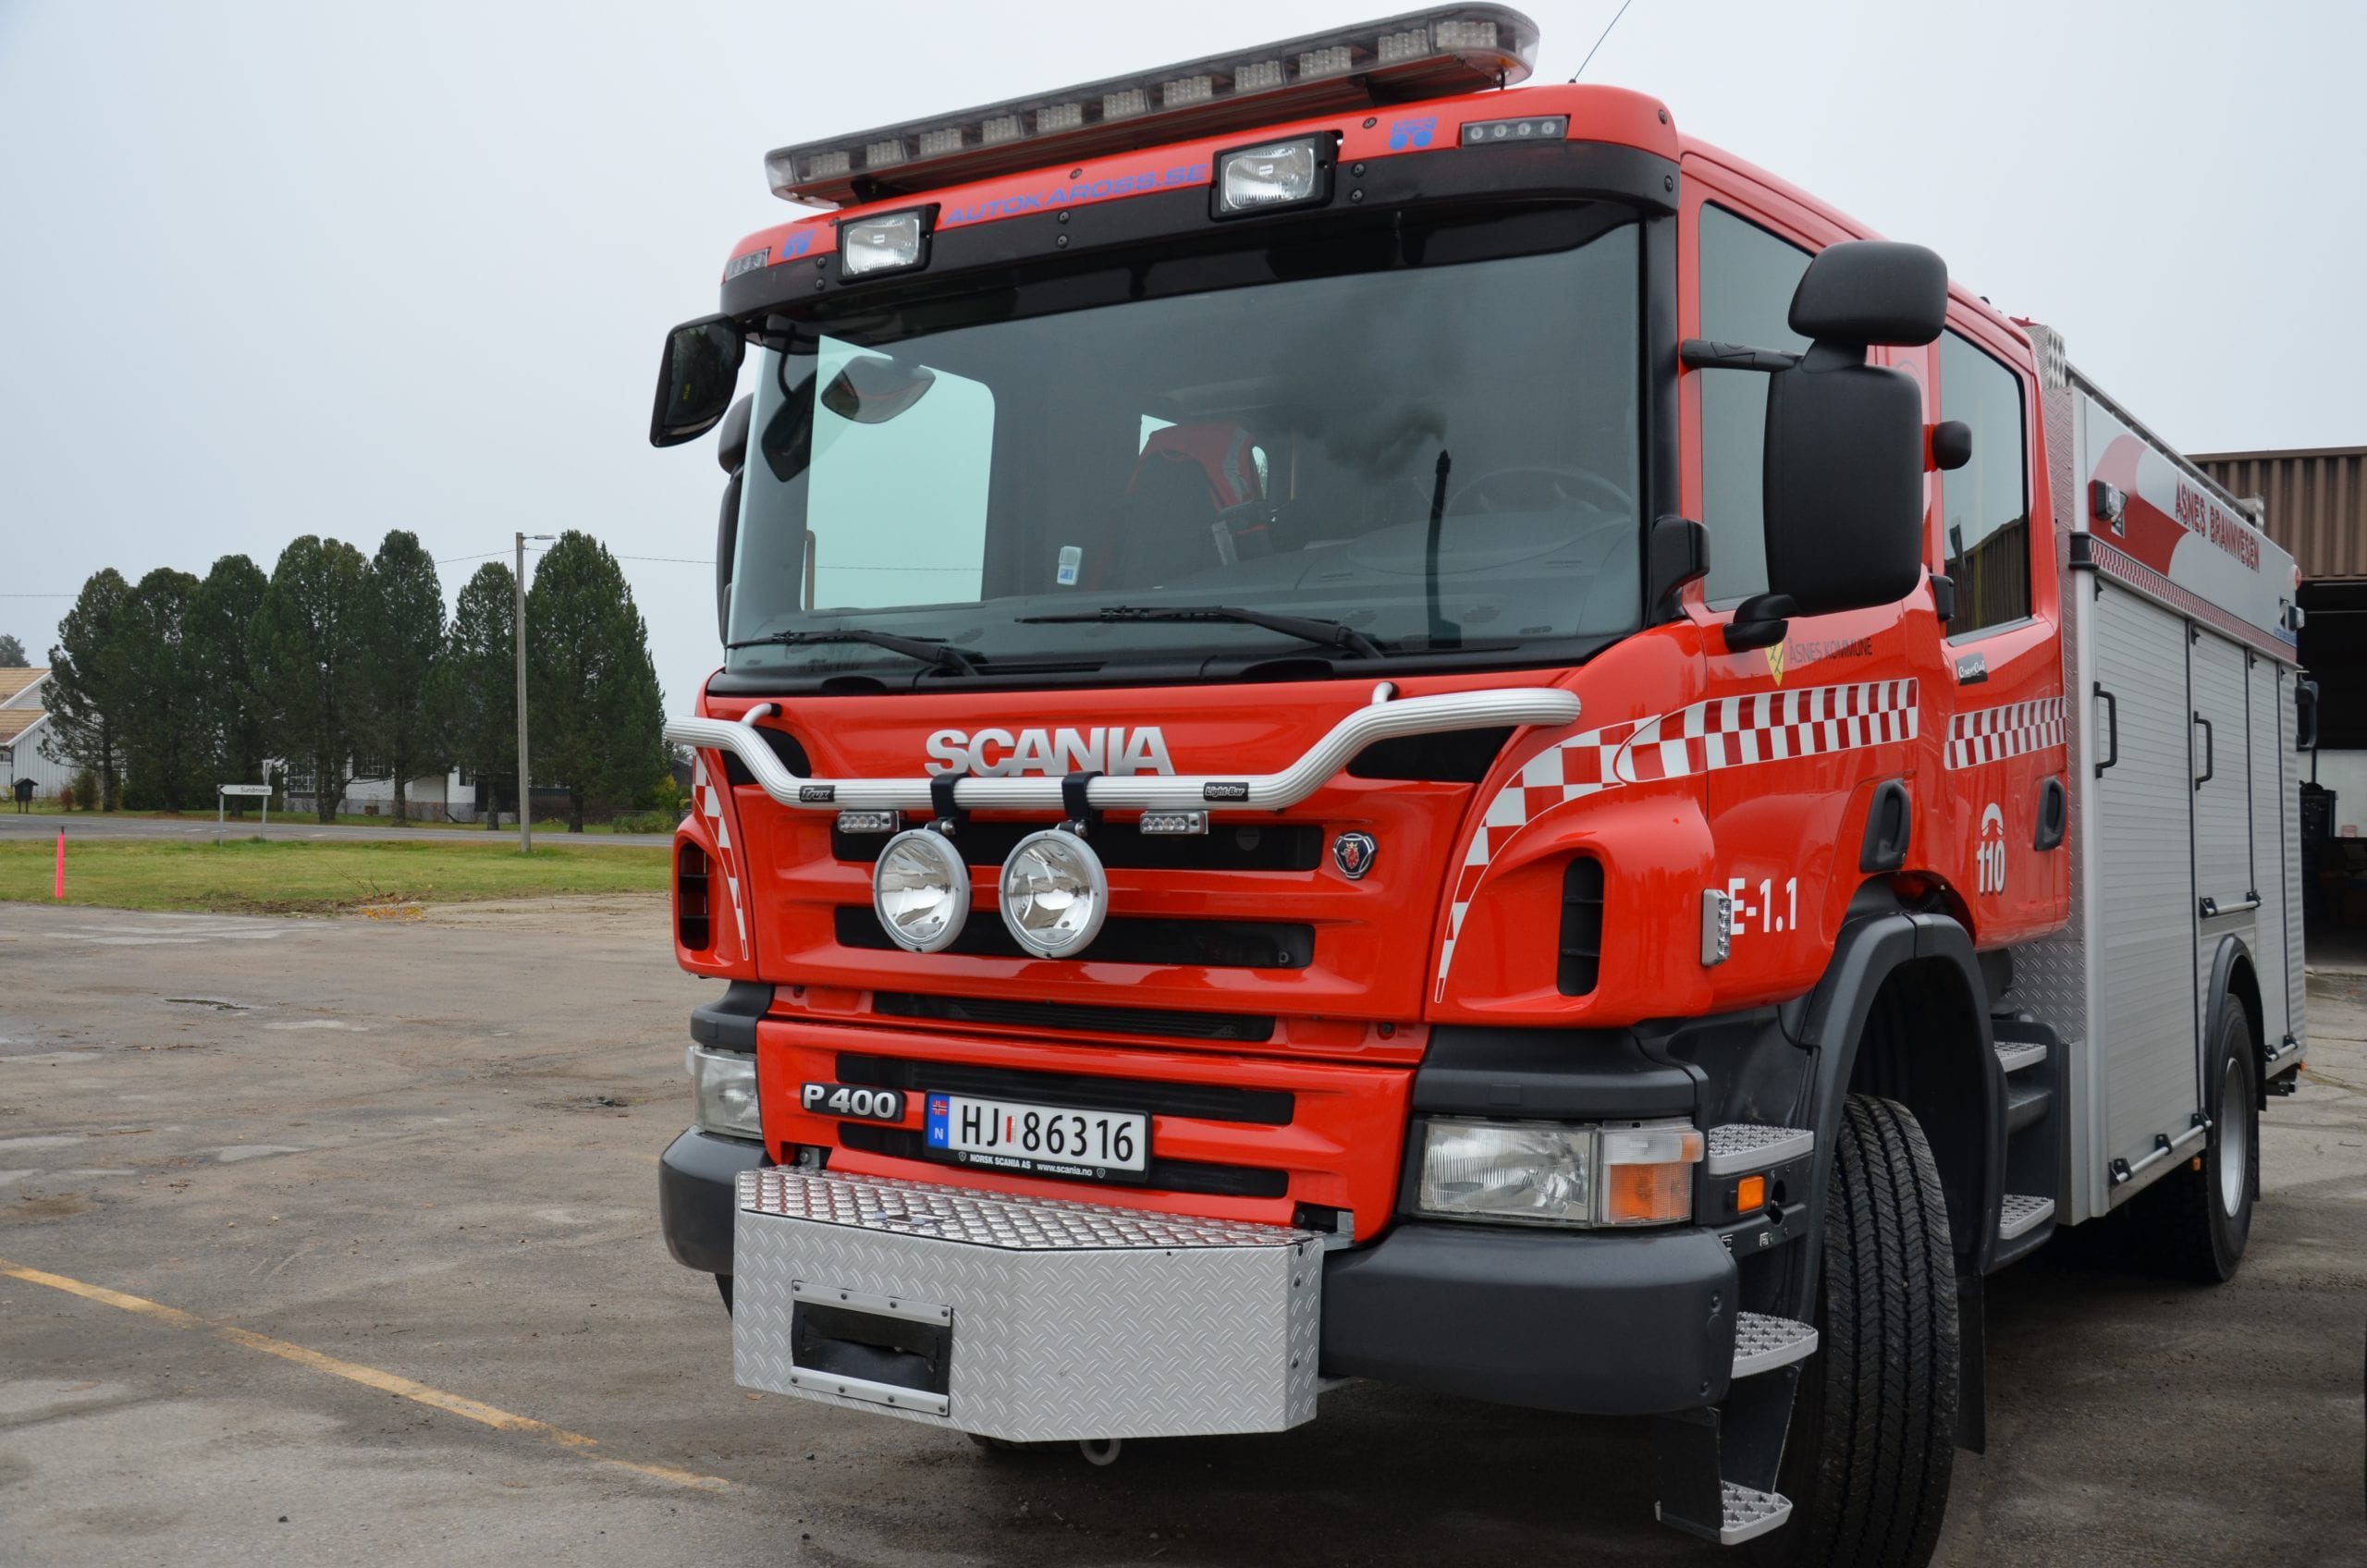 MER EN BRANN: Brannvesenet i Kongsvinger-regionen må bistå i stadig flere helseoppdrag. Det er en utvikling Anette Trettebergstuen (Ap) liker dårlig. Hun har stilt Helseminister Bent Høie spørsmål om det skal være slik.